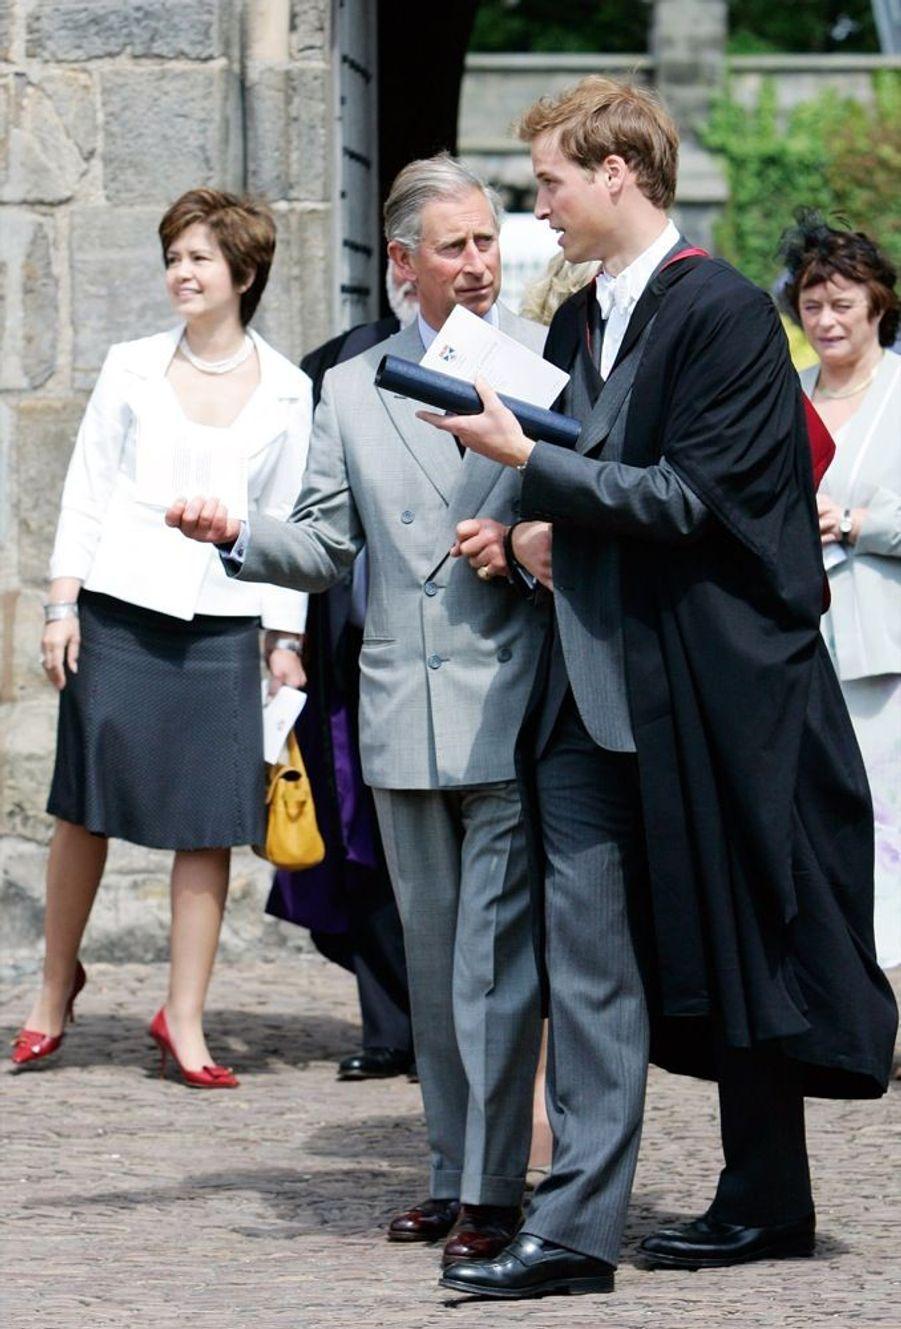 Le prince William, avec son père Charles, lors de la cérémonie de remise des diplômes à l'université de St Andrews, en Ecosse, en juin 2005.